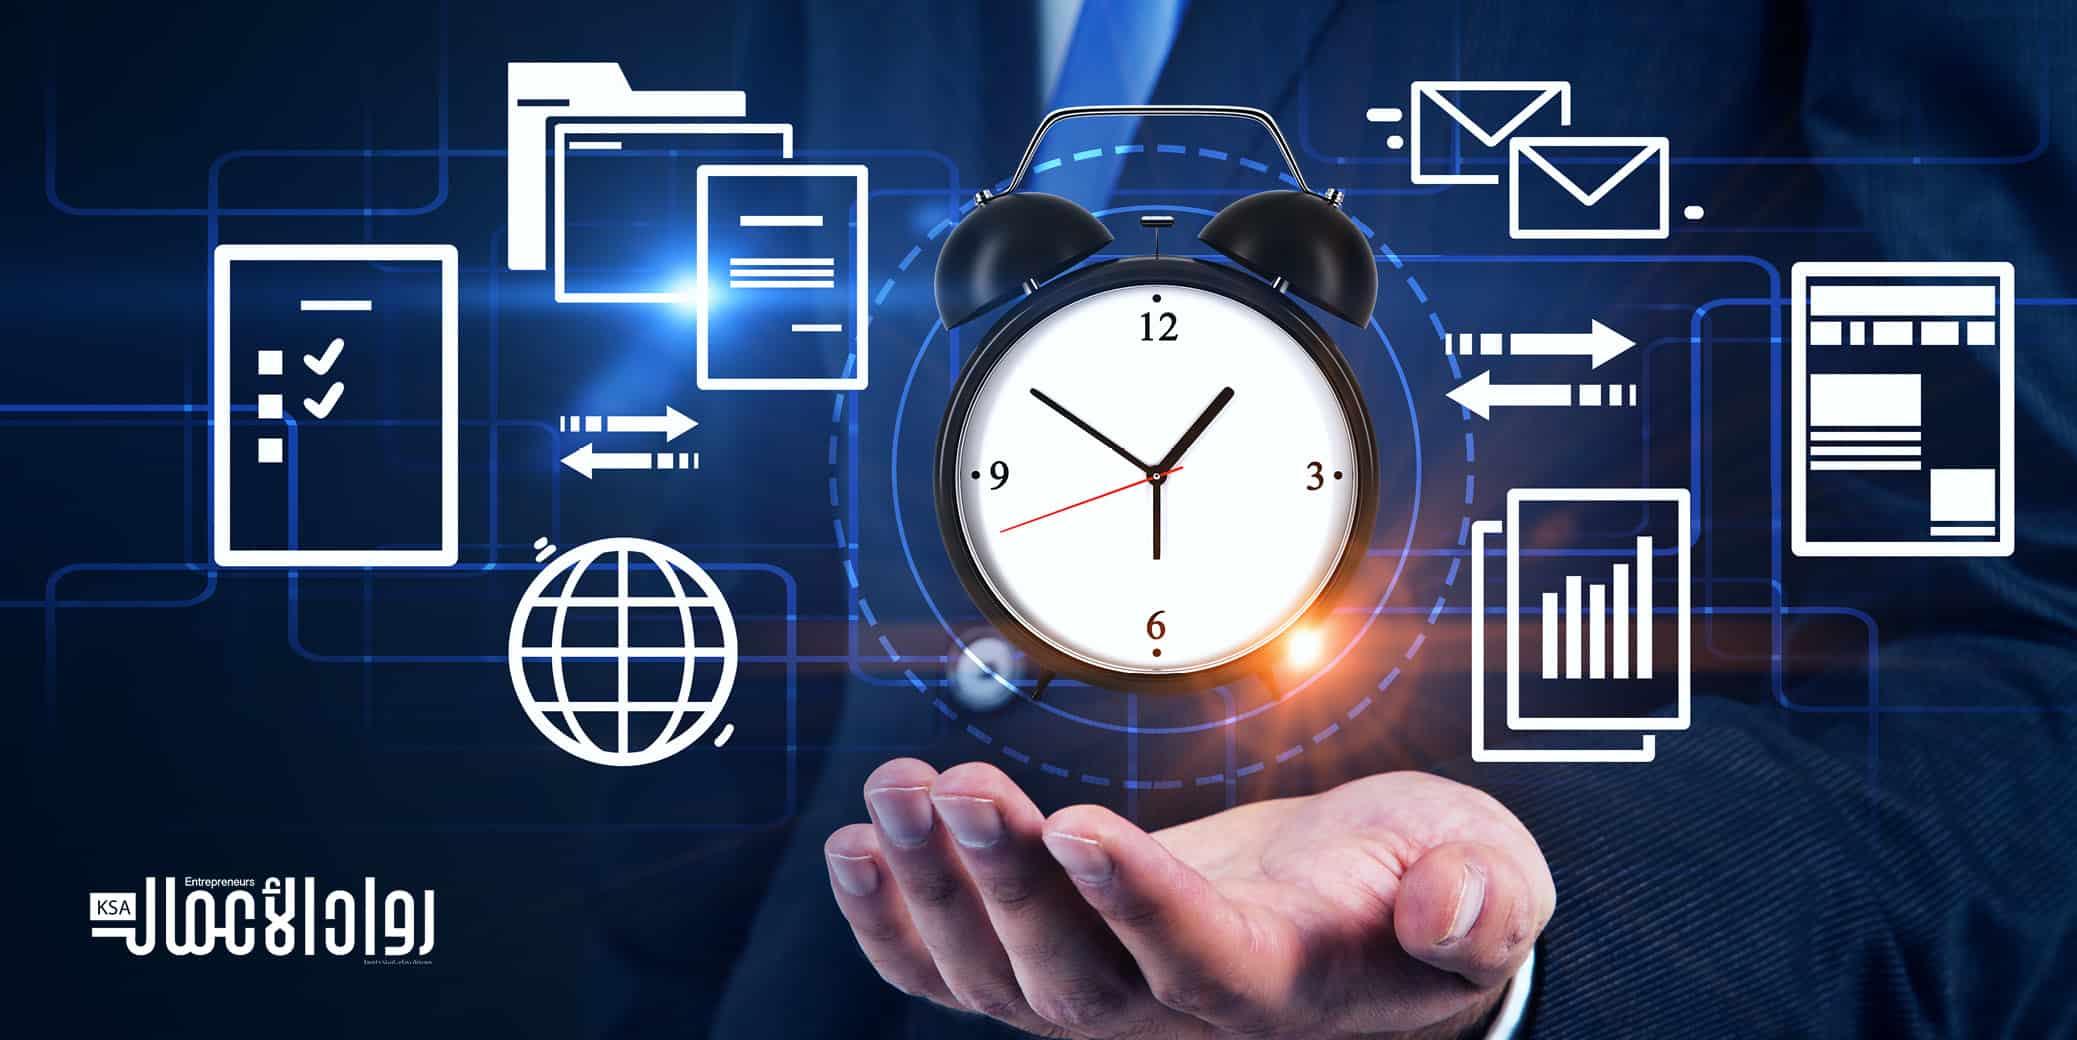 التفكير الاستراتيجي في تنظيم الوقت